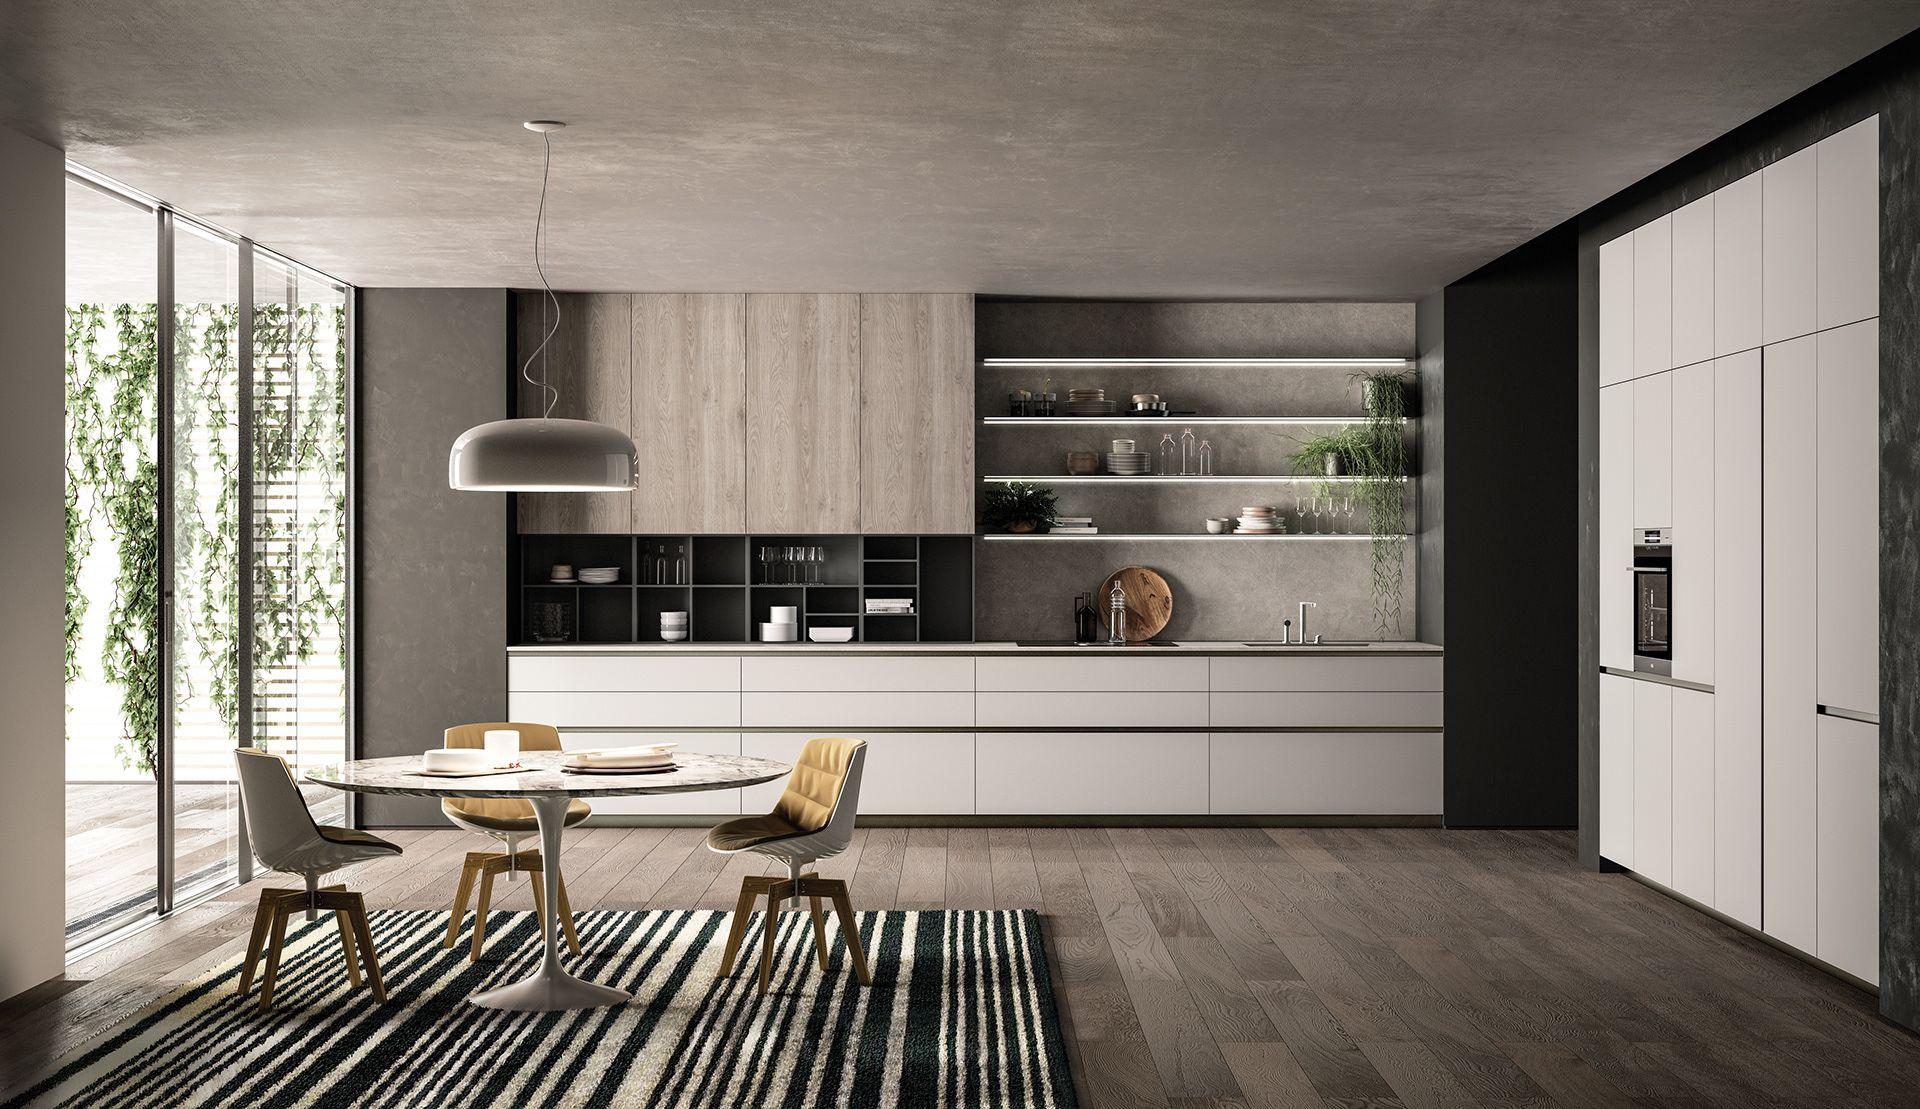 Effeti kitchen 2018 on Behance Wish List for Home in